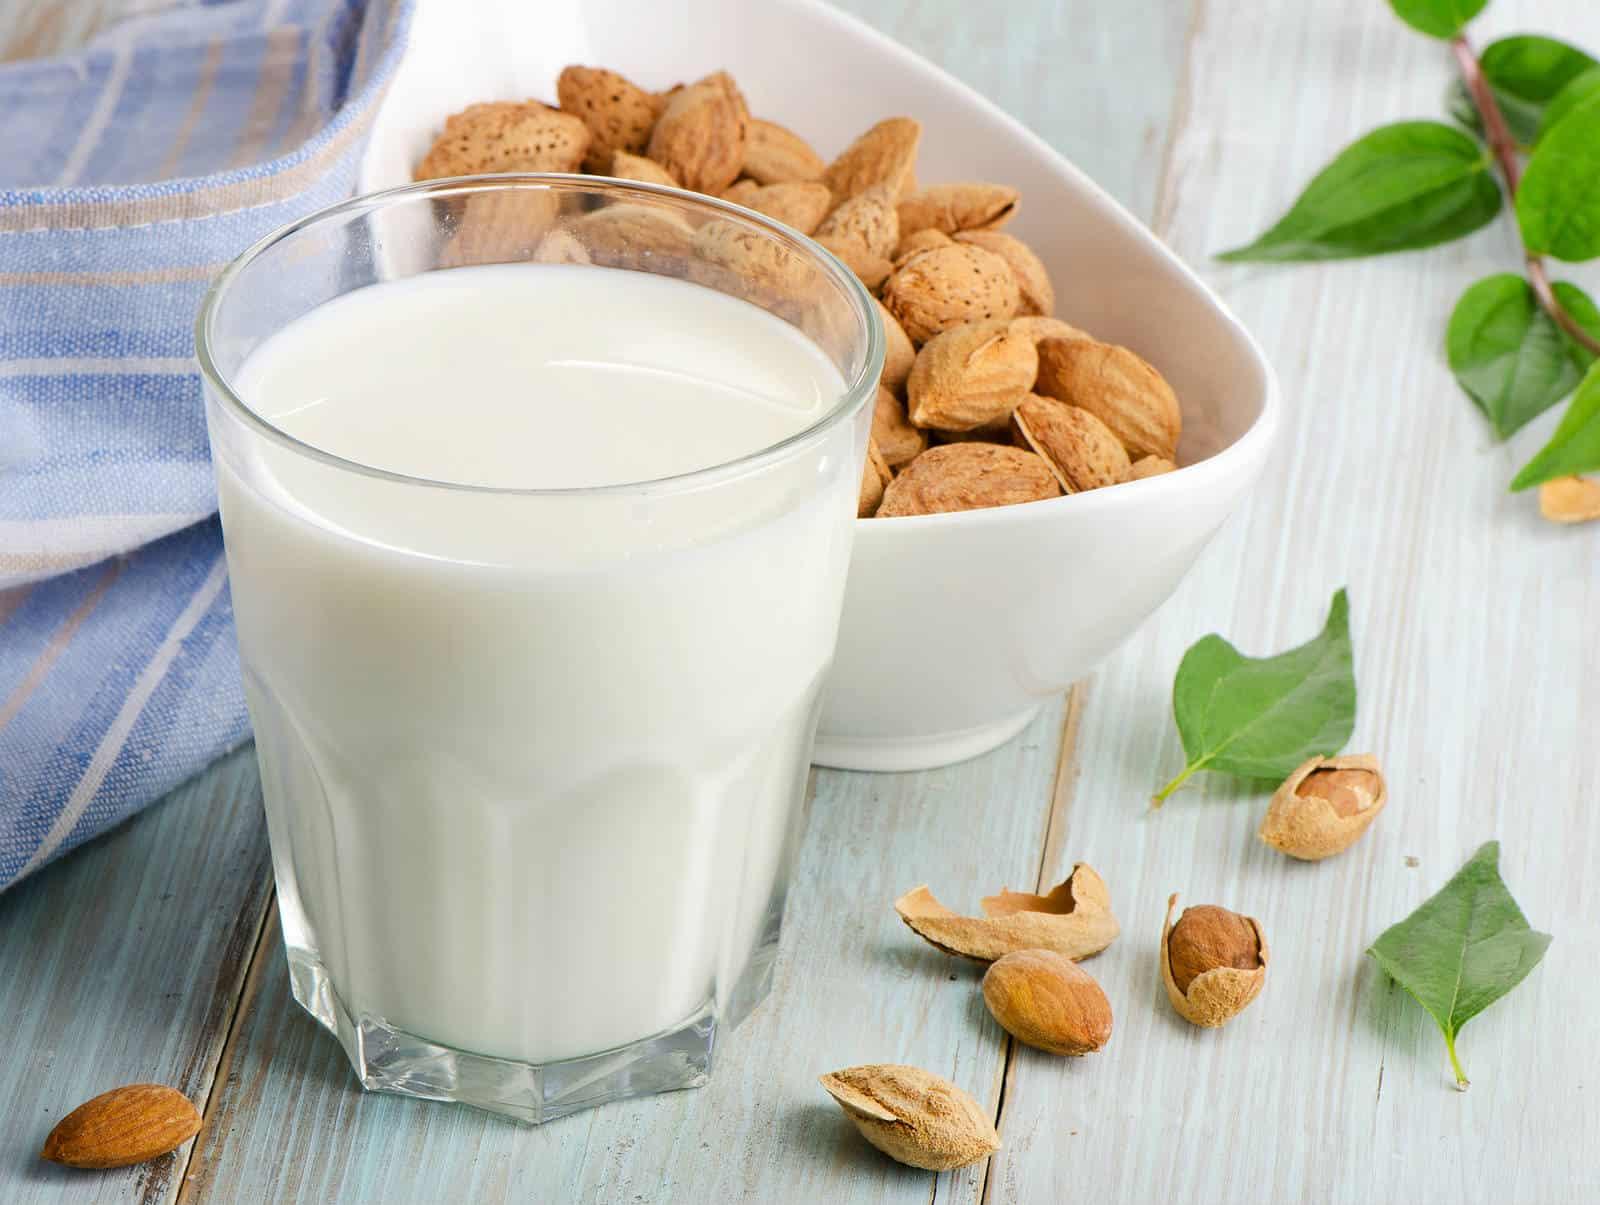 [Chăm sóc bệnh nhân] Sữa tươi dành cho người tiểu đường